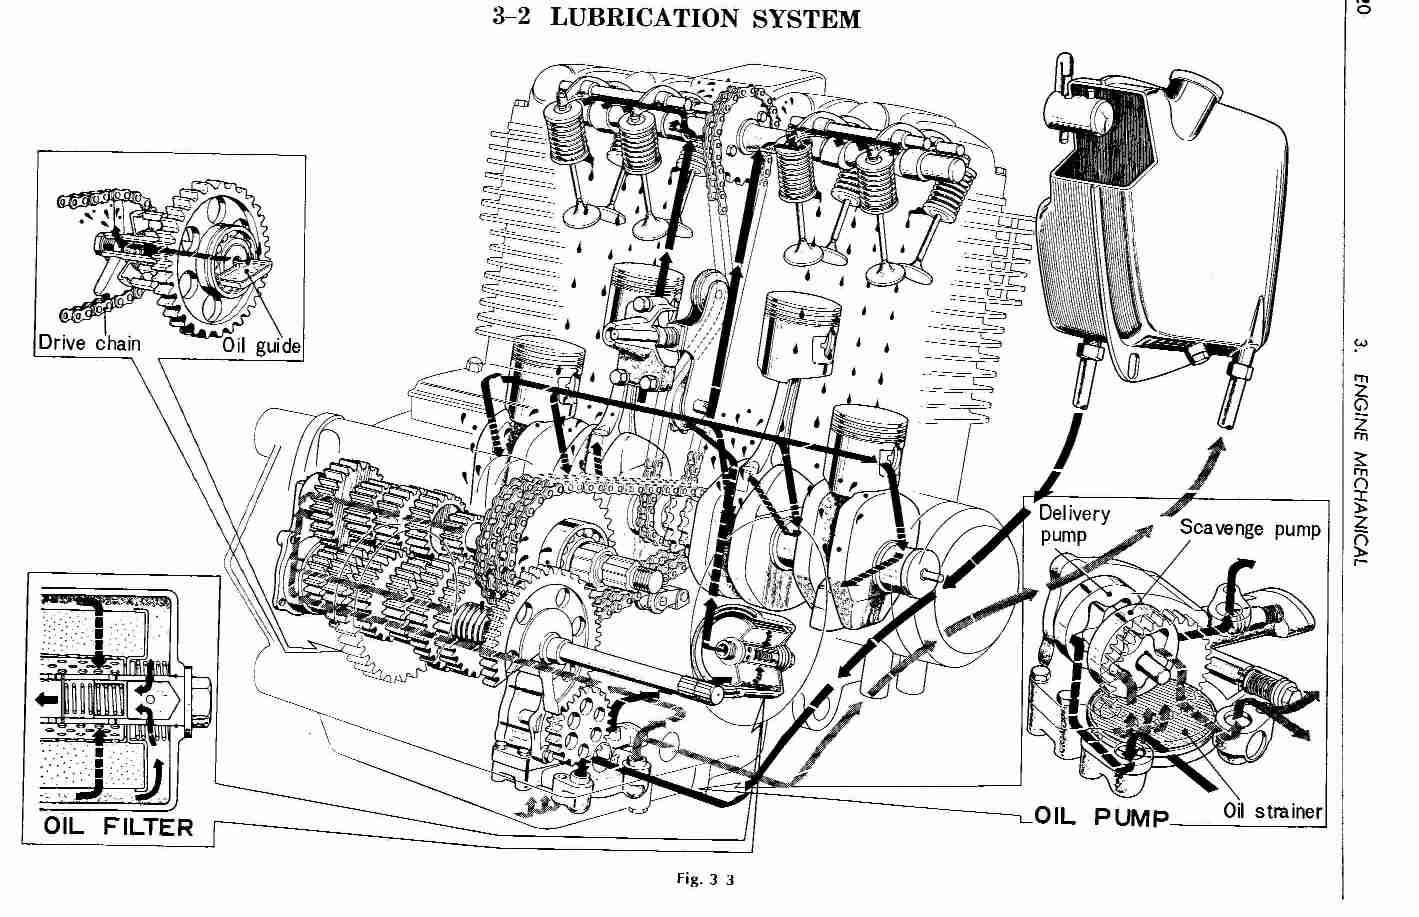 1978 cb750 wiring diagram control panel symbols honda cb750k2